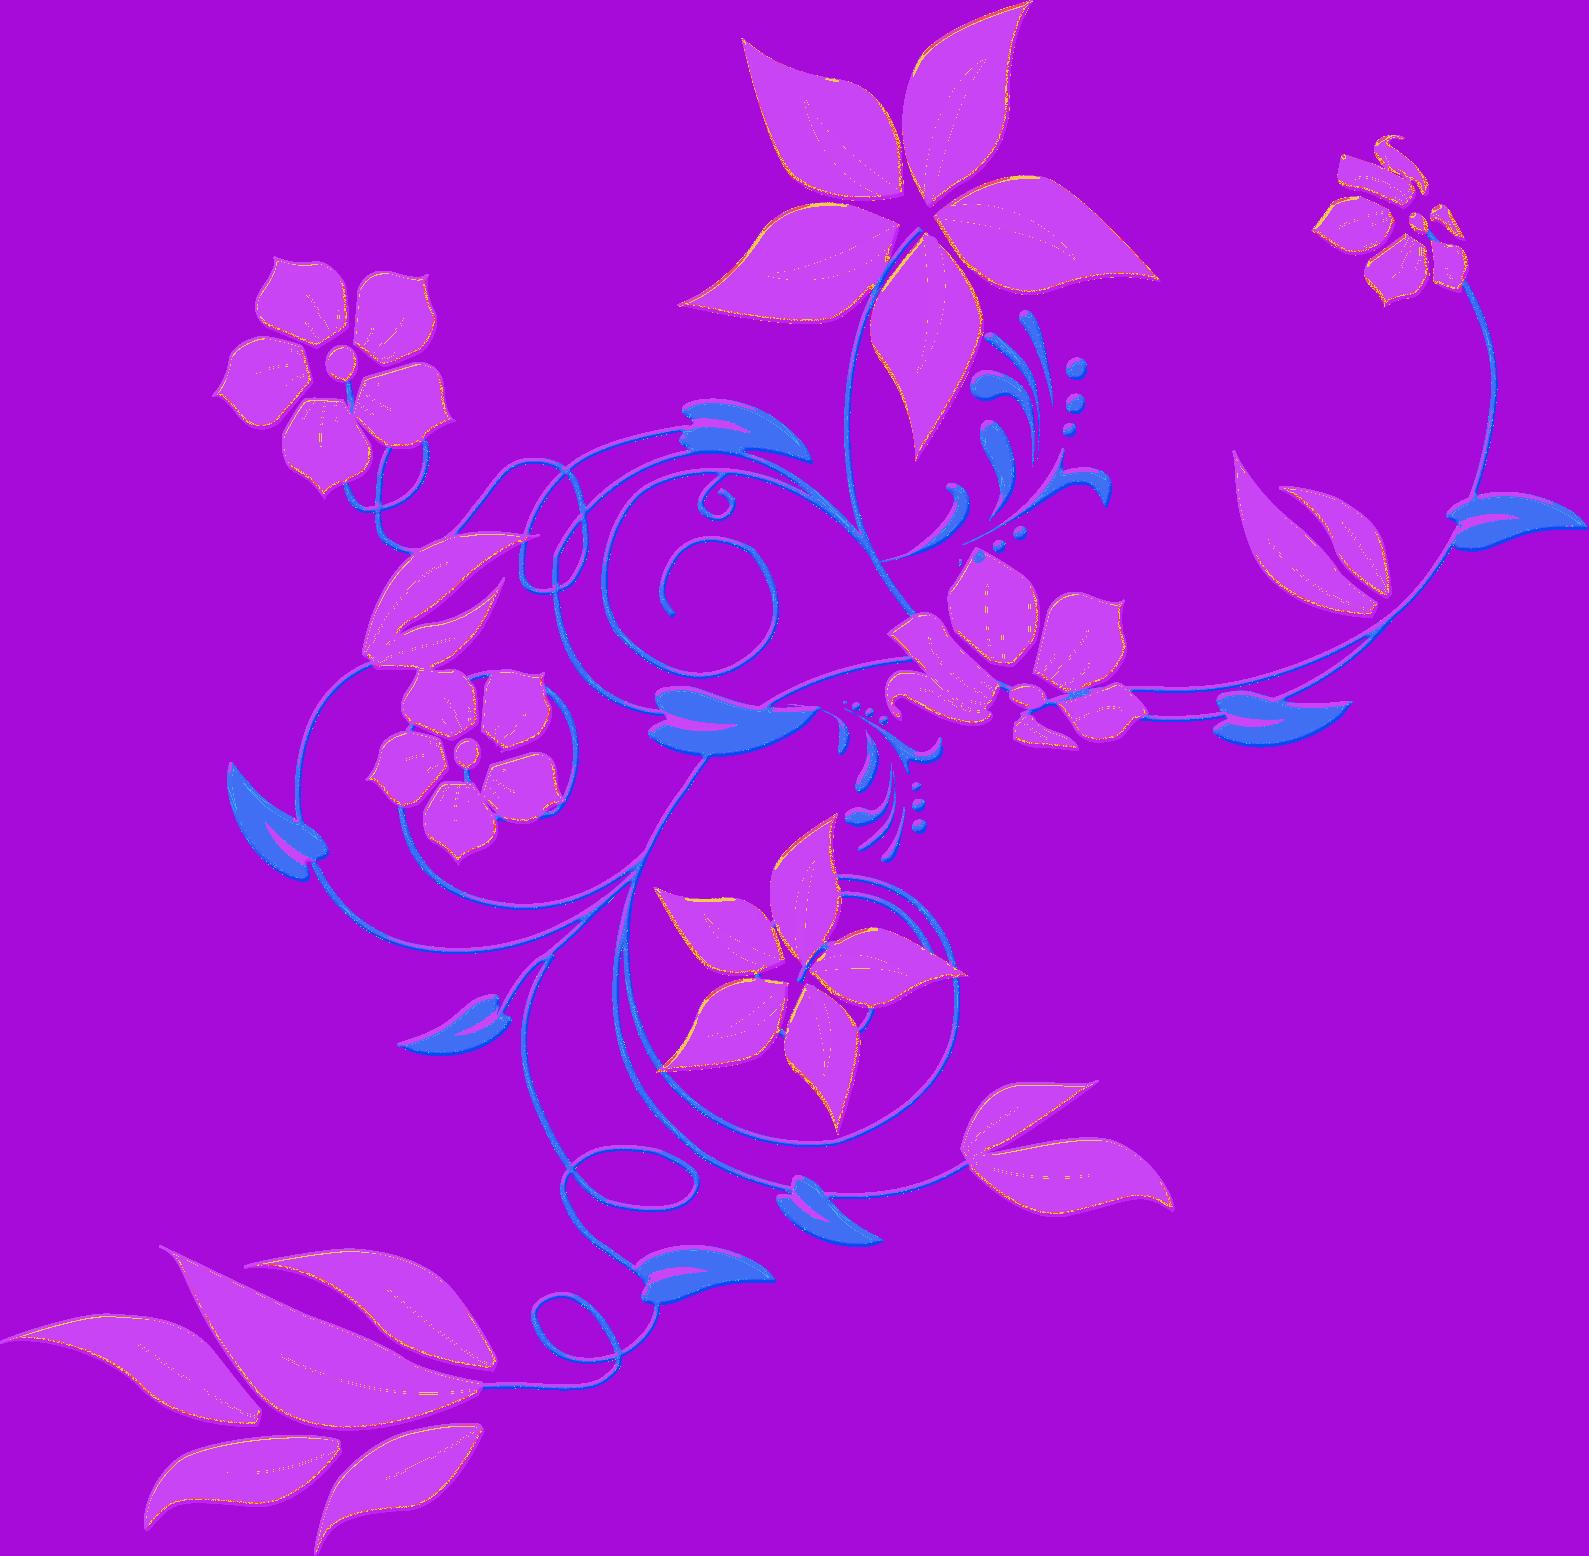 Line Art Flower Design Png : Flower vector png cliparts